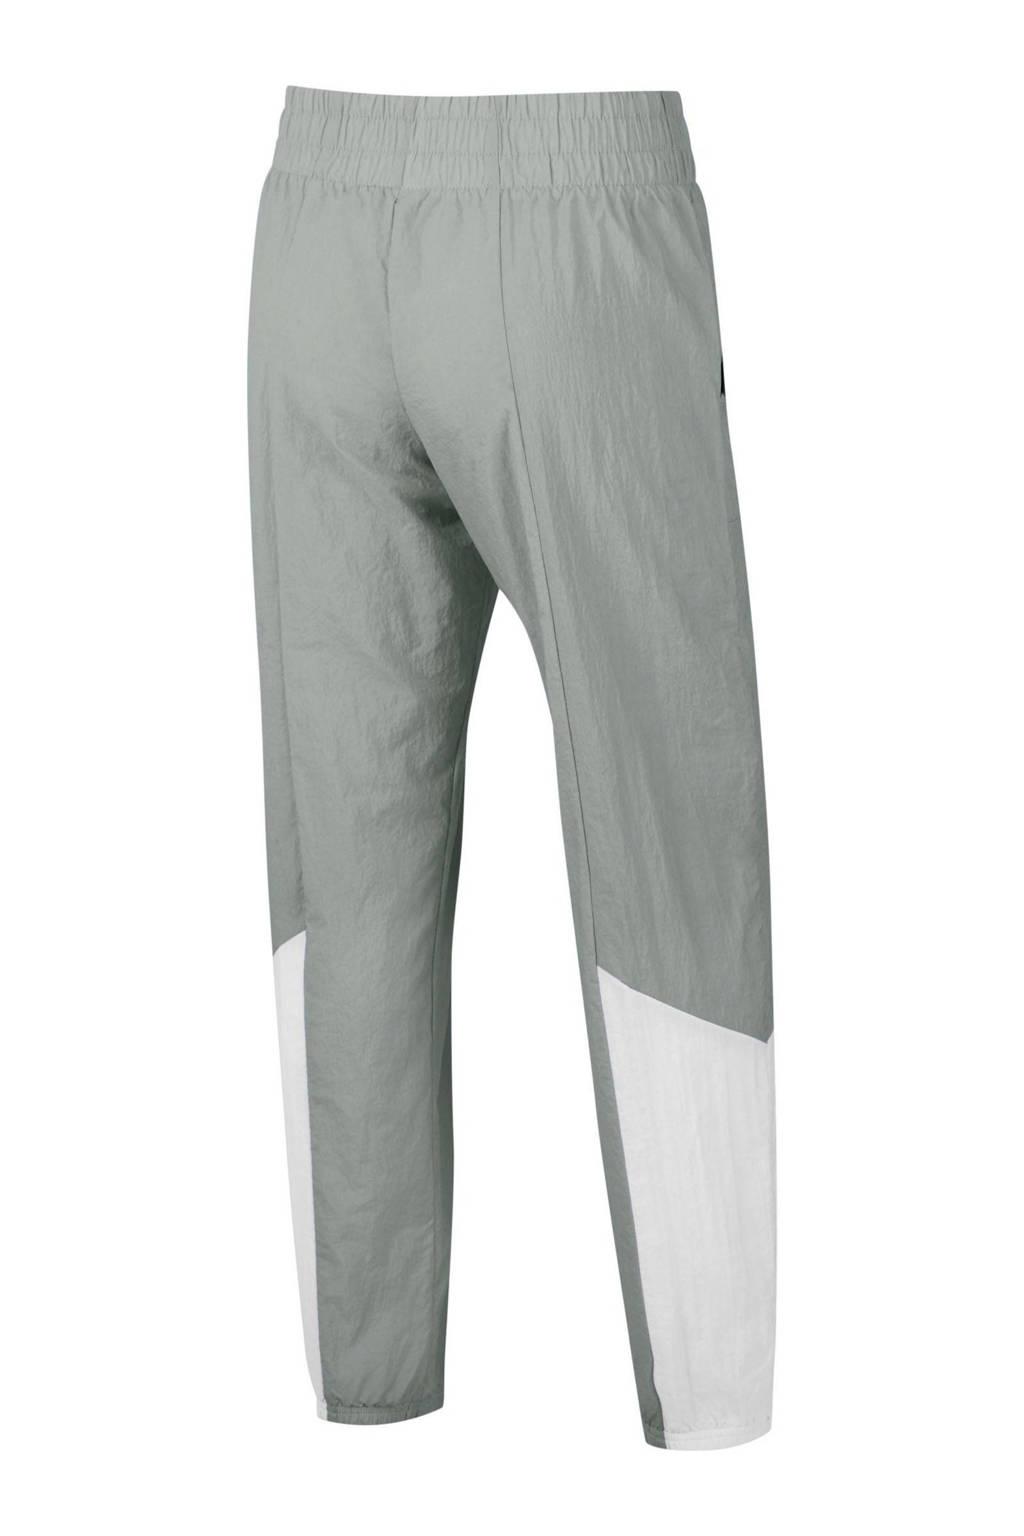 Nike trainingsbroek grijs/wit, Grijs/wit